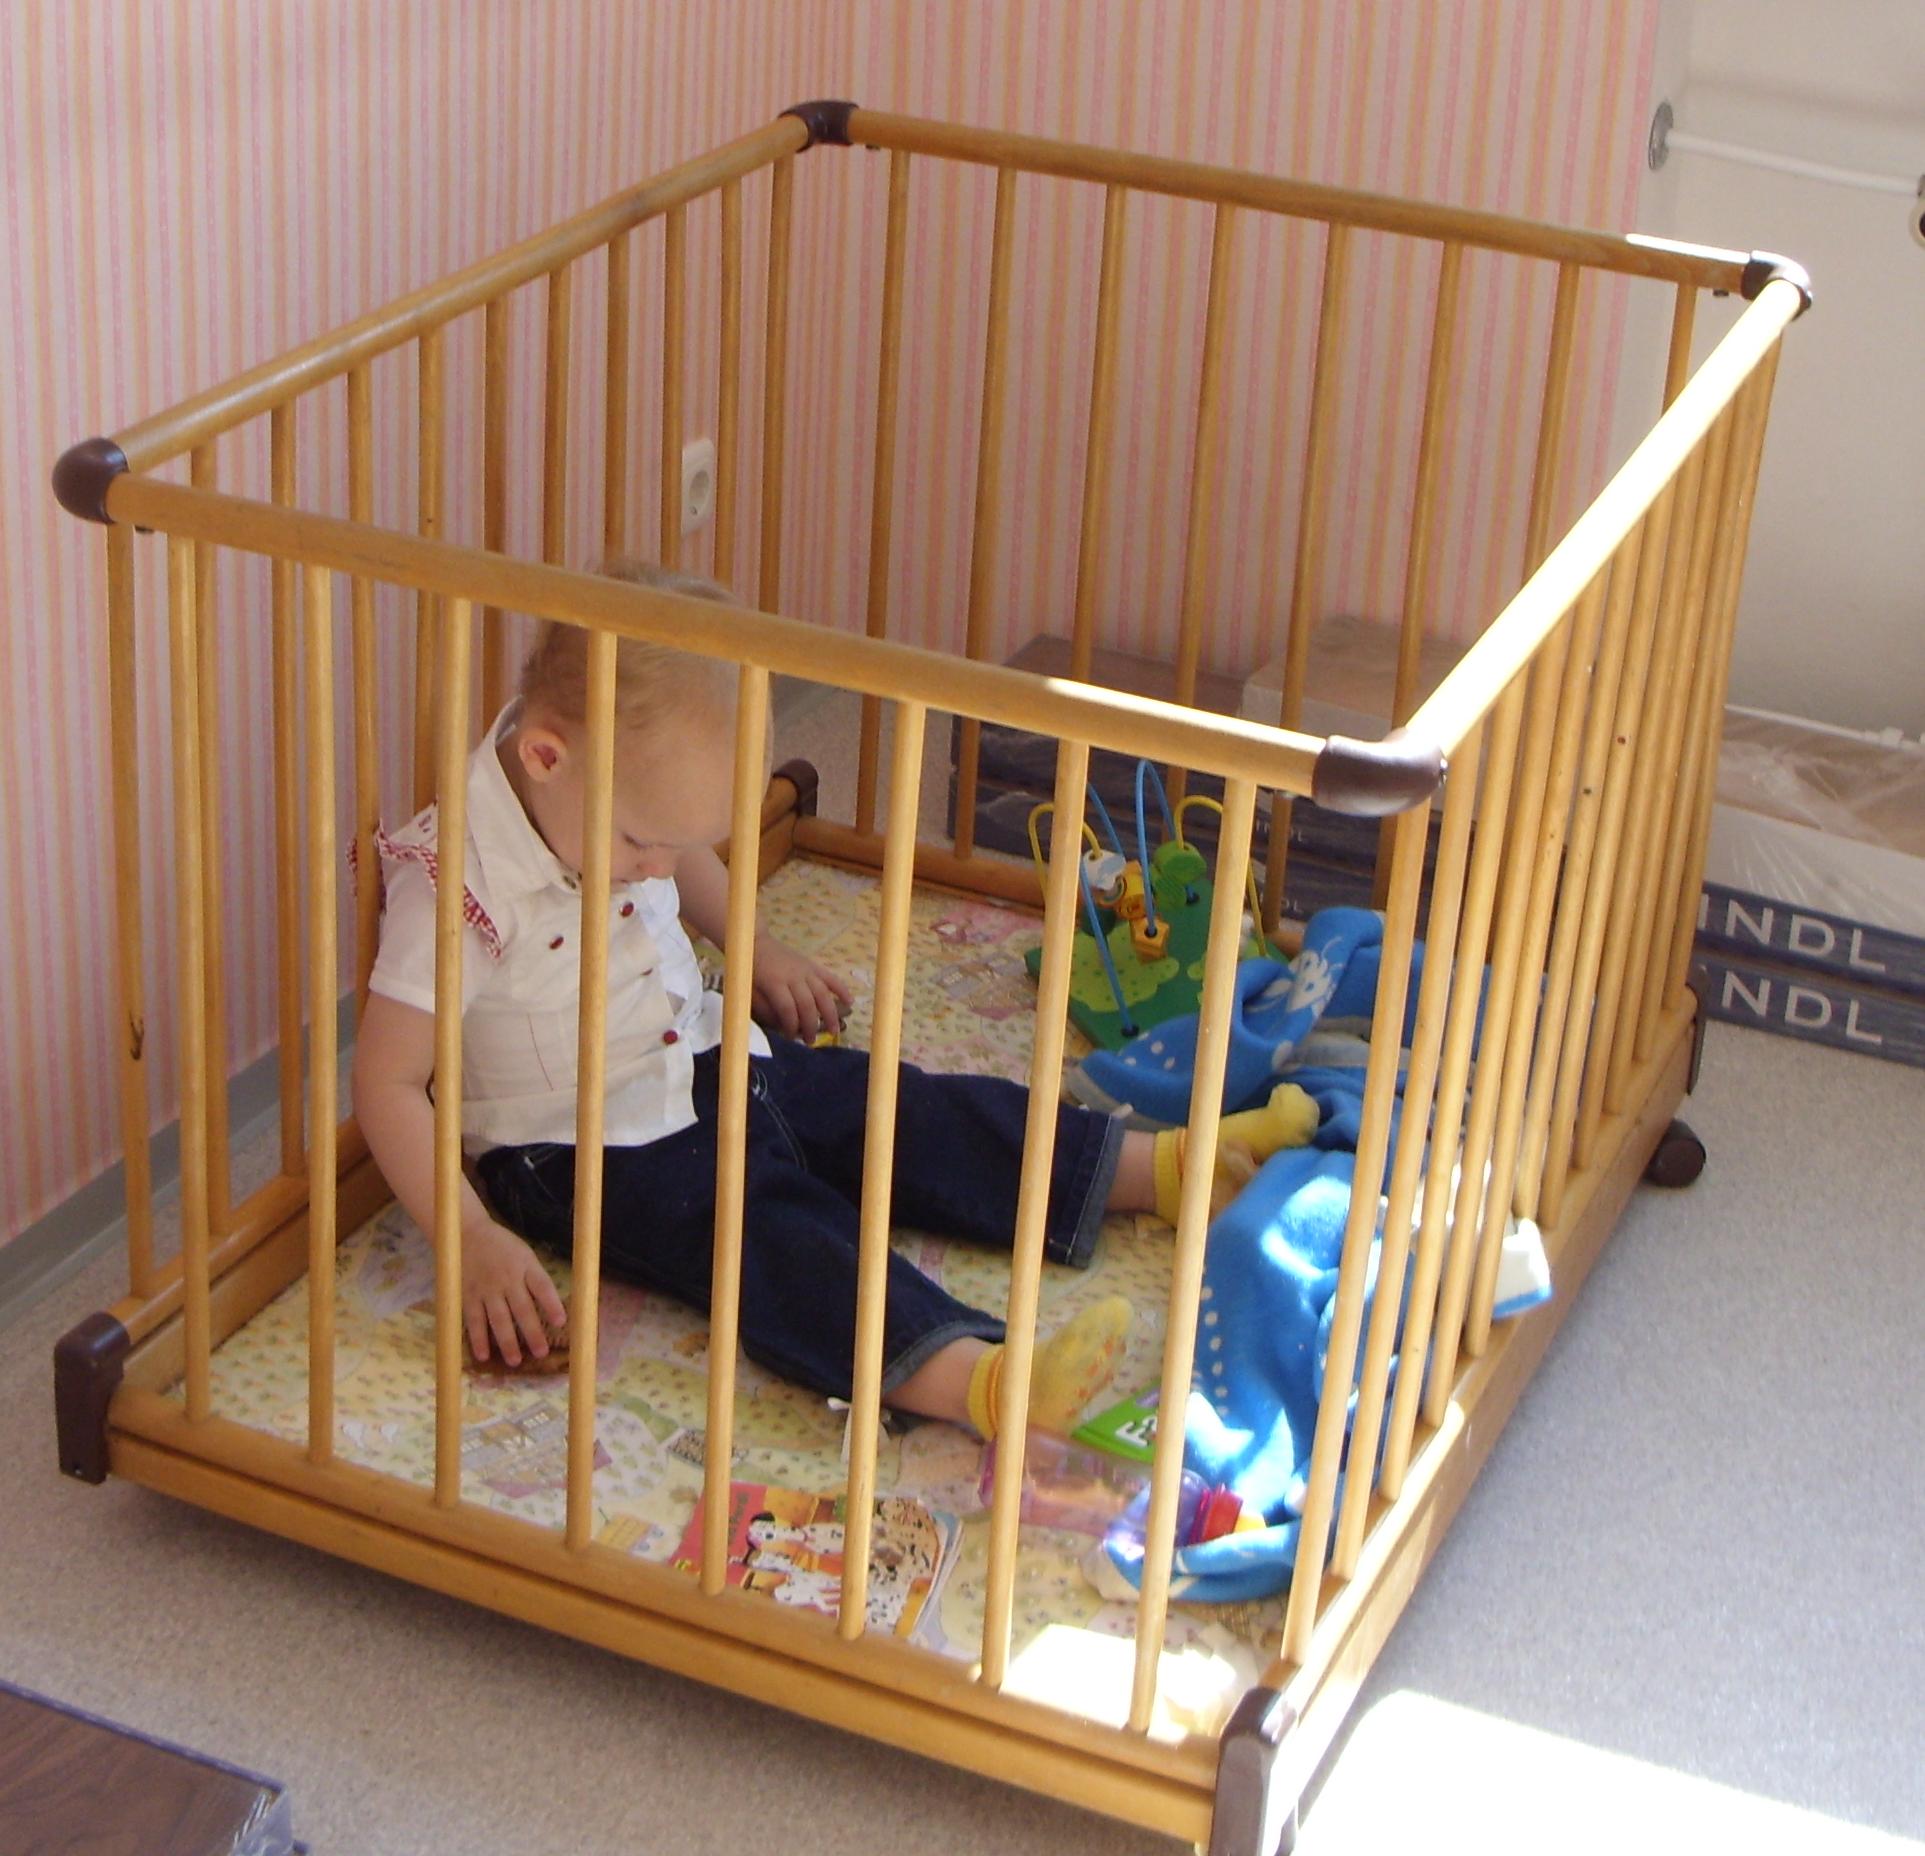 BABY PARK PLAYPEN WOODEN PLAYPEN Baby Home Safety Children playpens